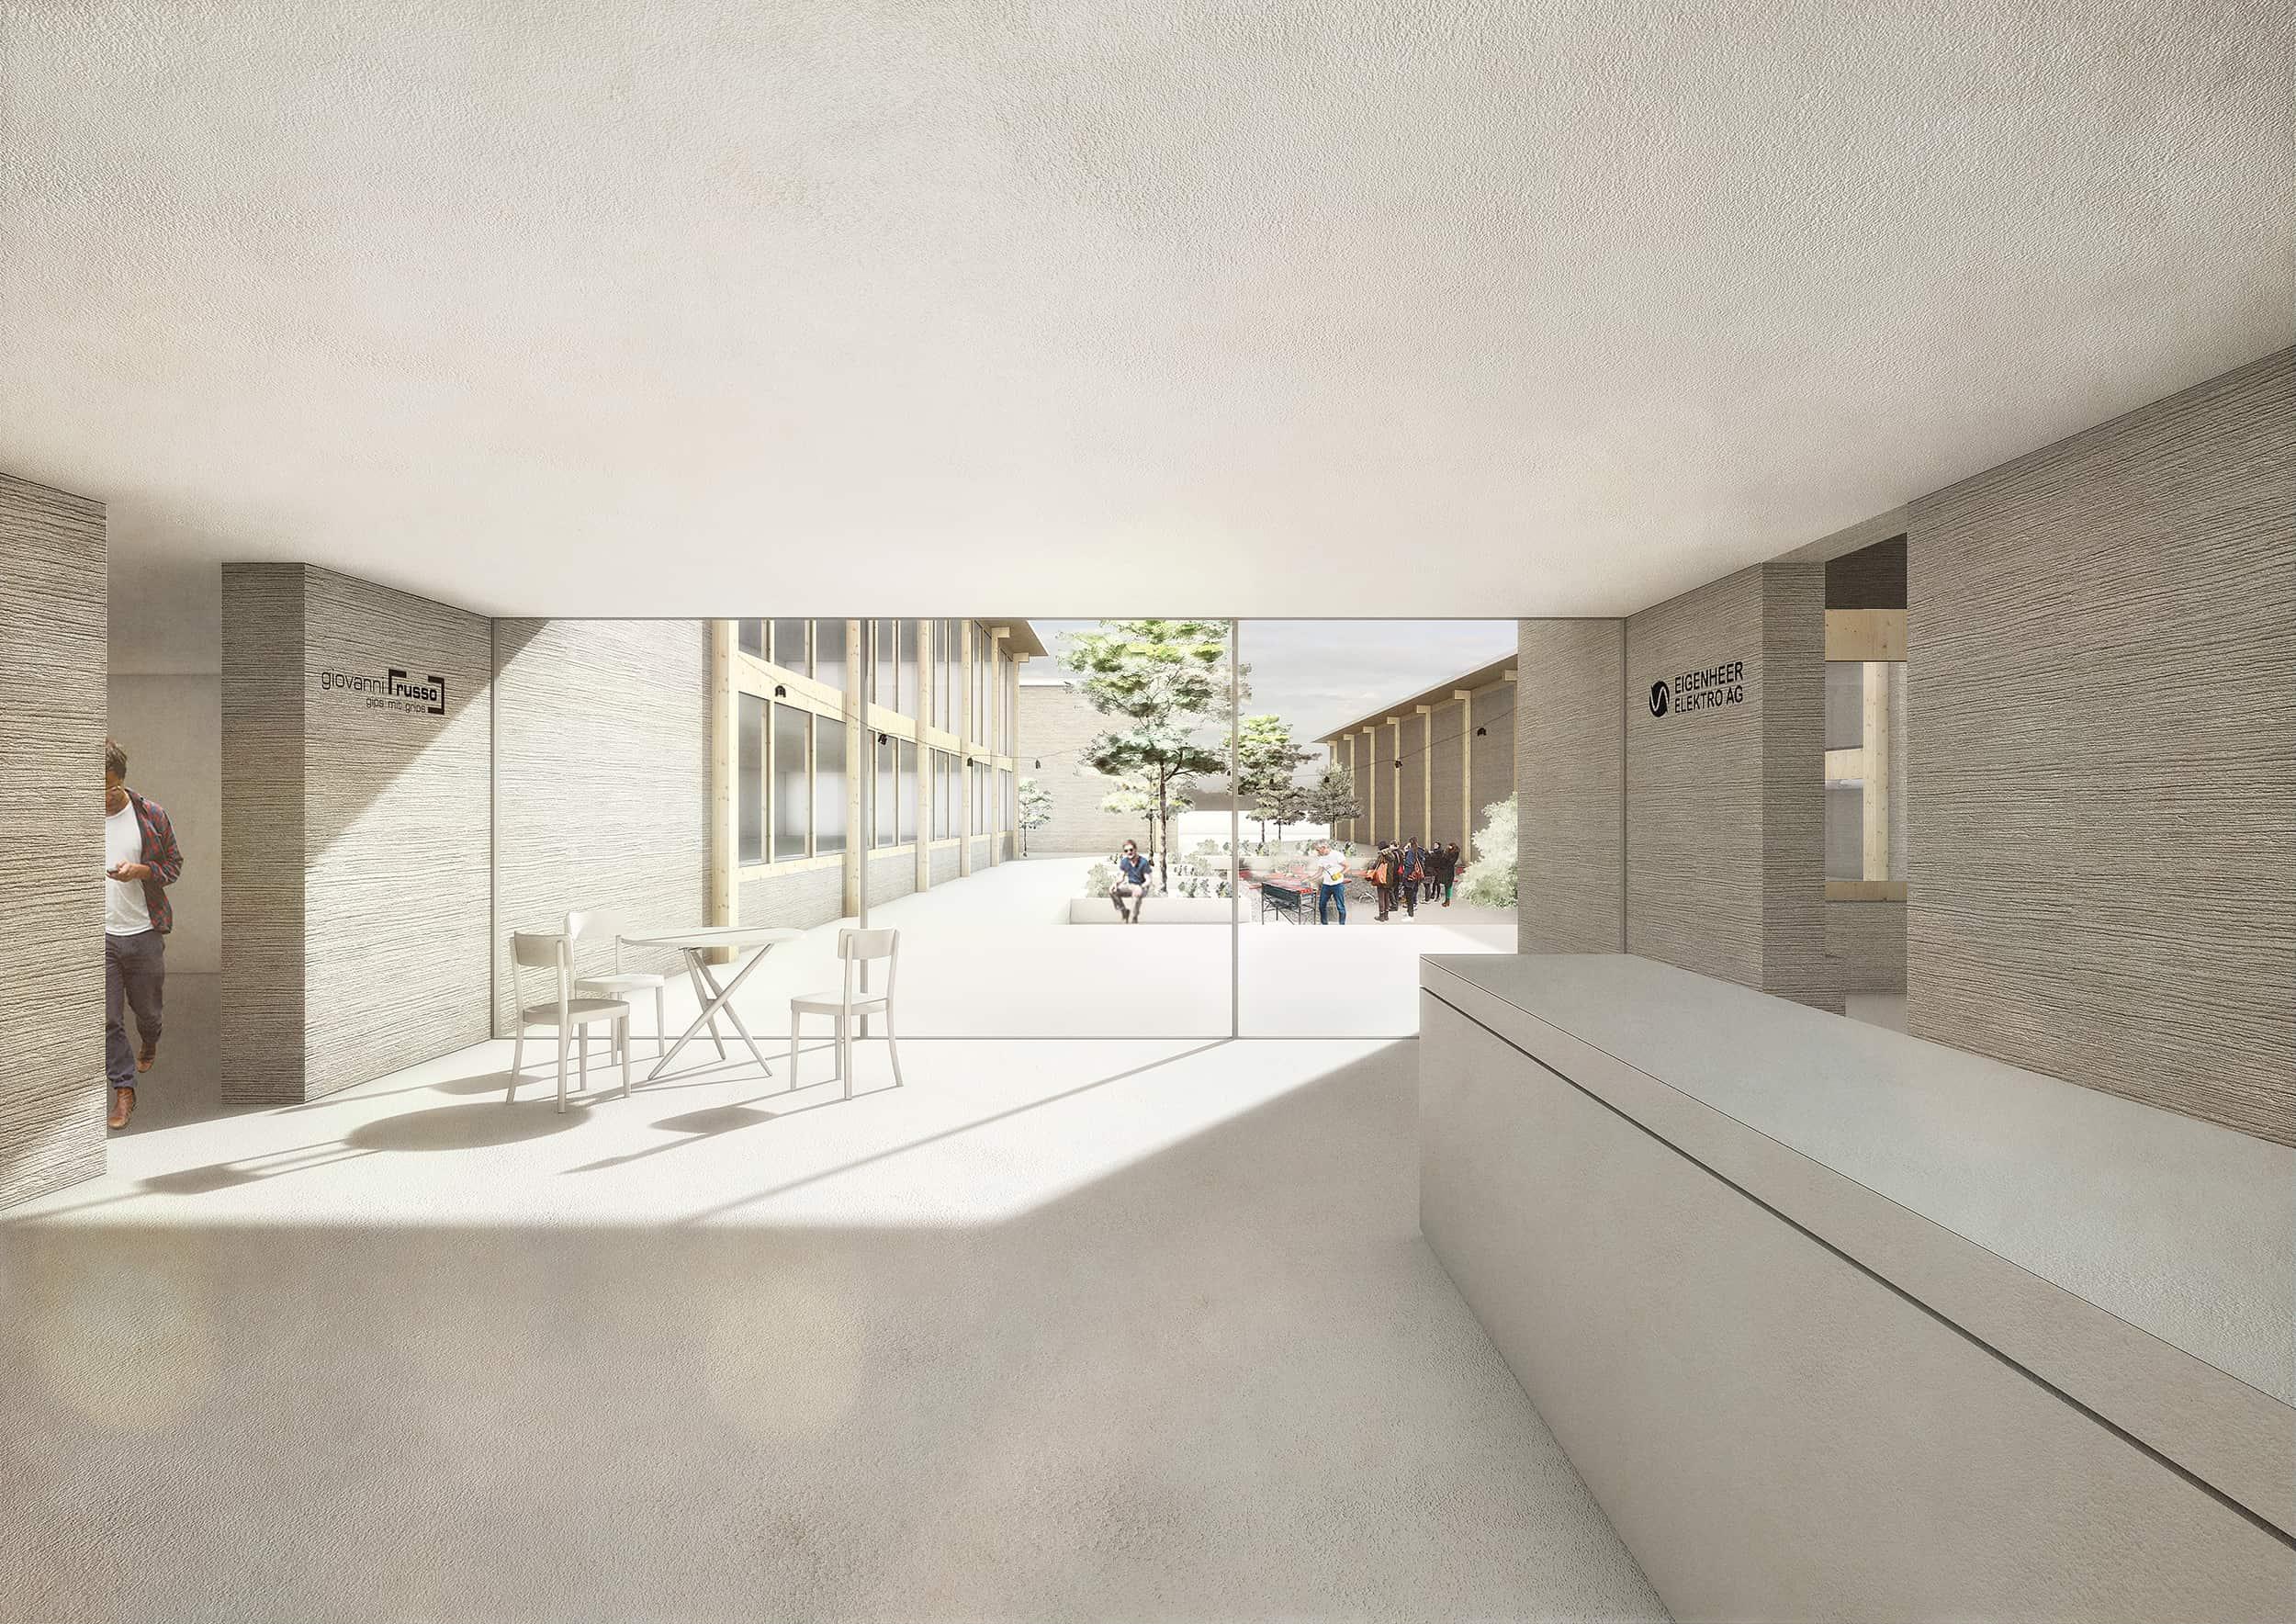 Neubau Gewerbebauten // Kleinandelfingen (Wettbewerb)